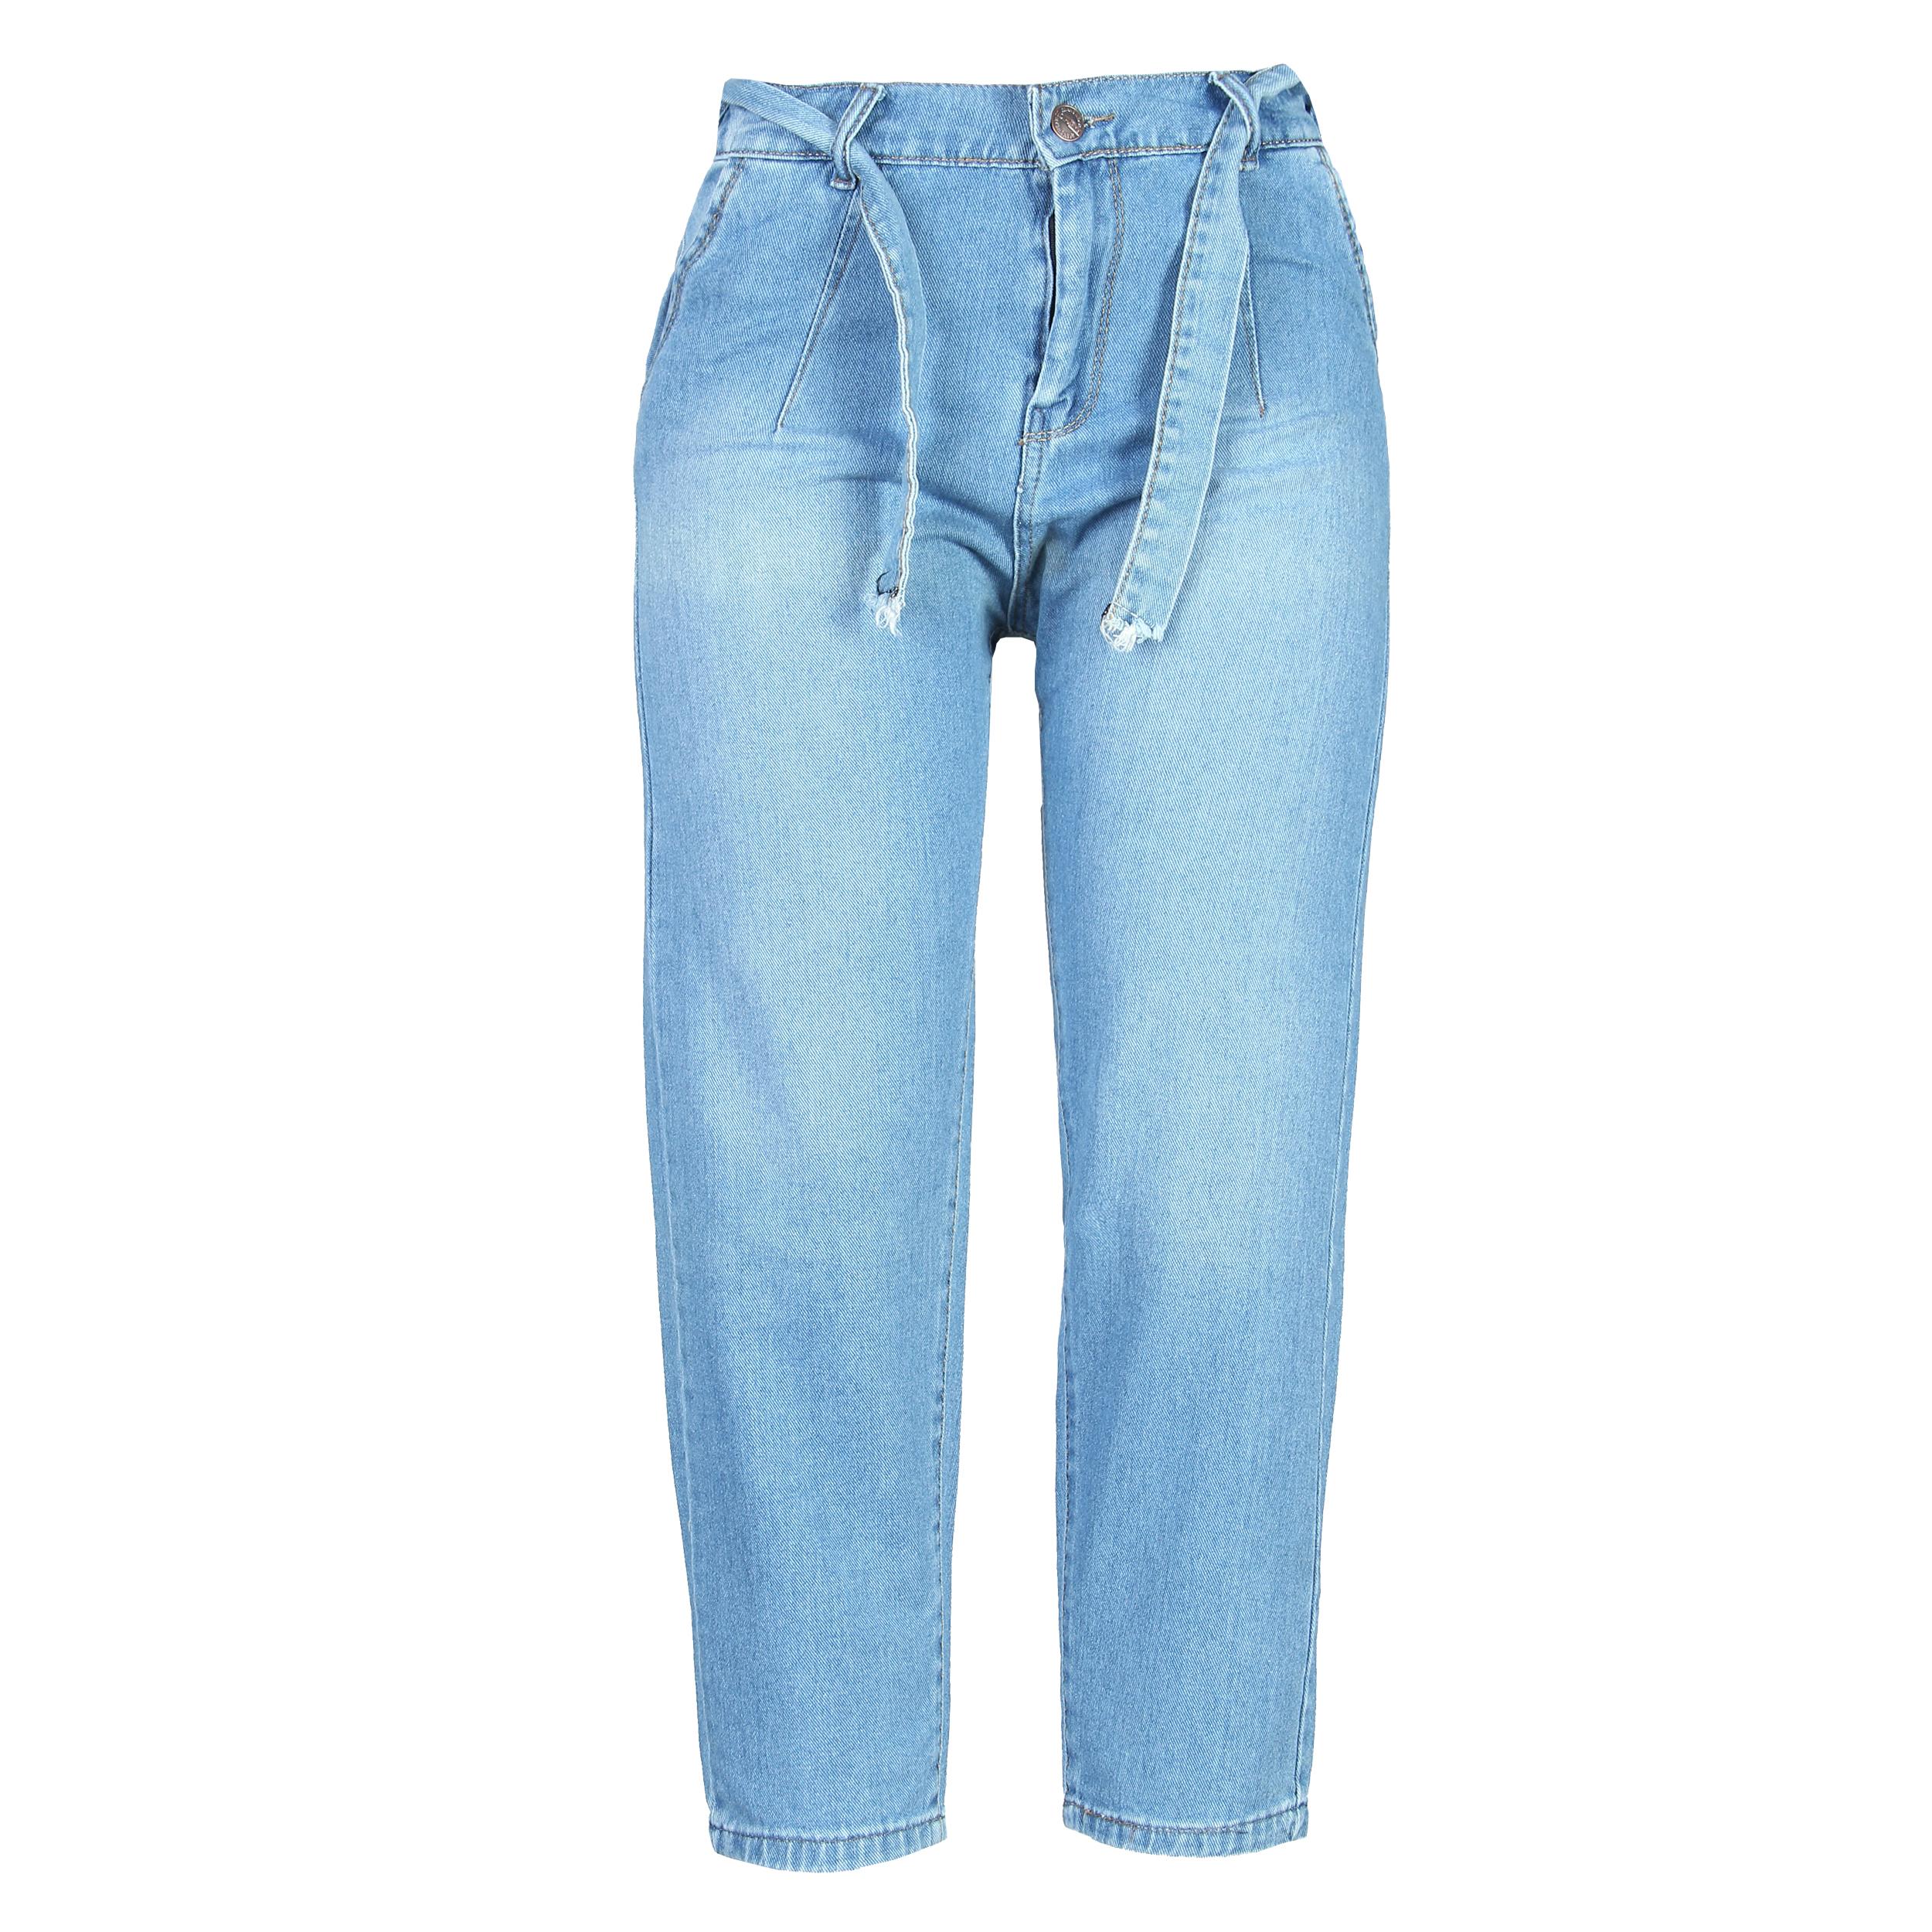 شلوار جین زنانه مدل مام اسمایل کد 10000243